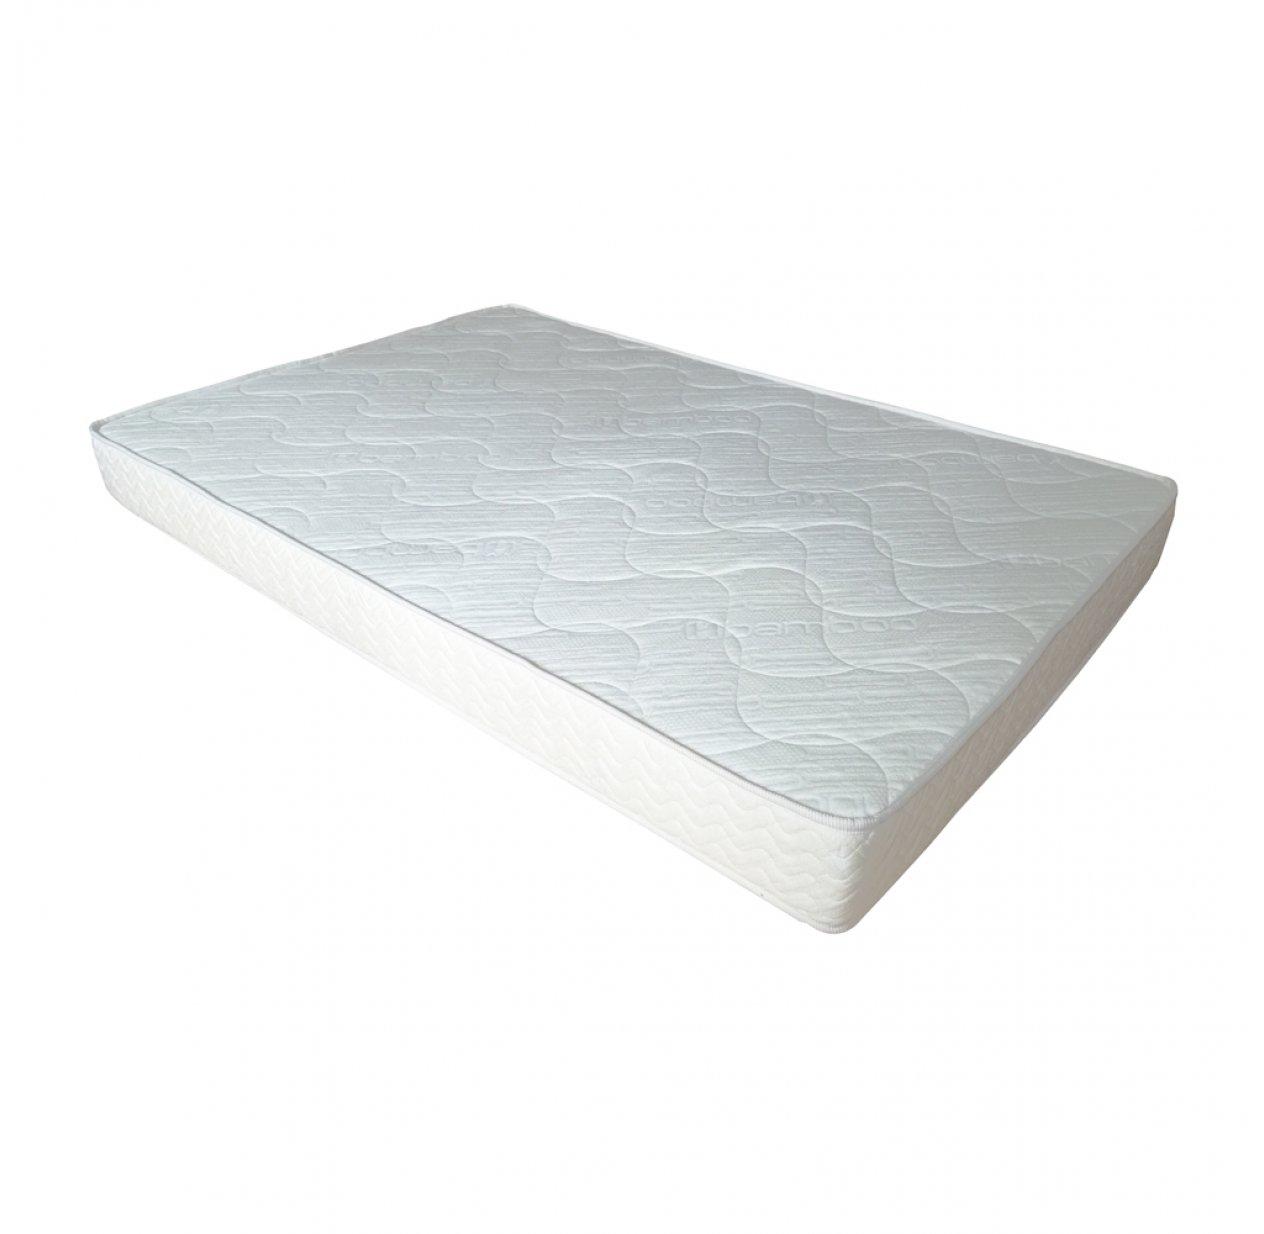 matelas classique 90x140 bonnesoeurs pour chambre enfant les enfants du design. Black Bedroom Furniture Sets. Home Design Ideas